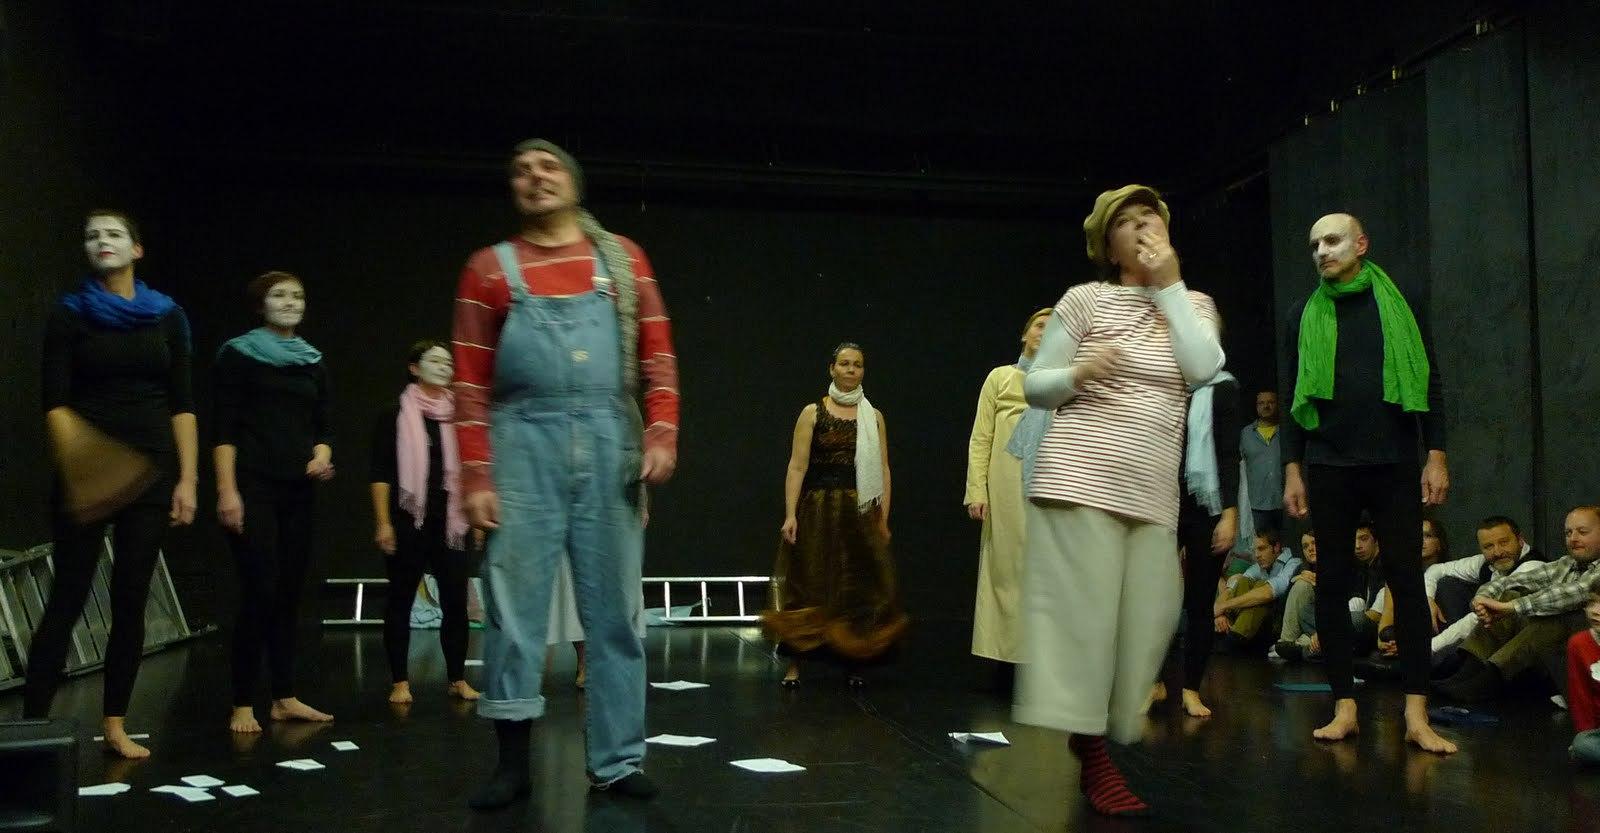 Advent-a-divadlo-2012-80